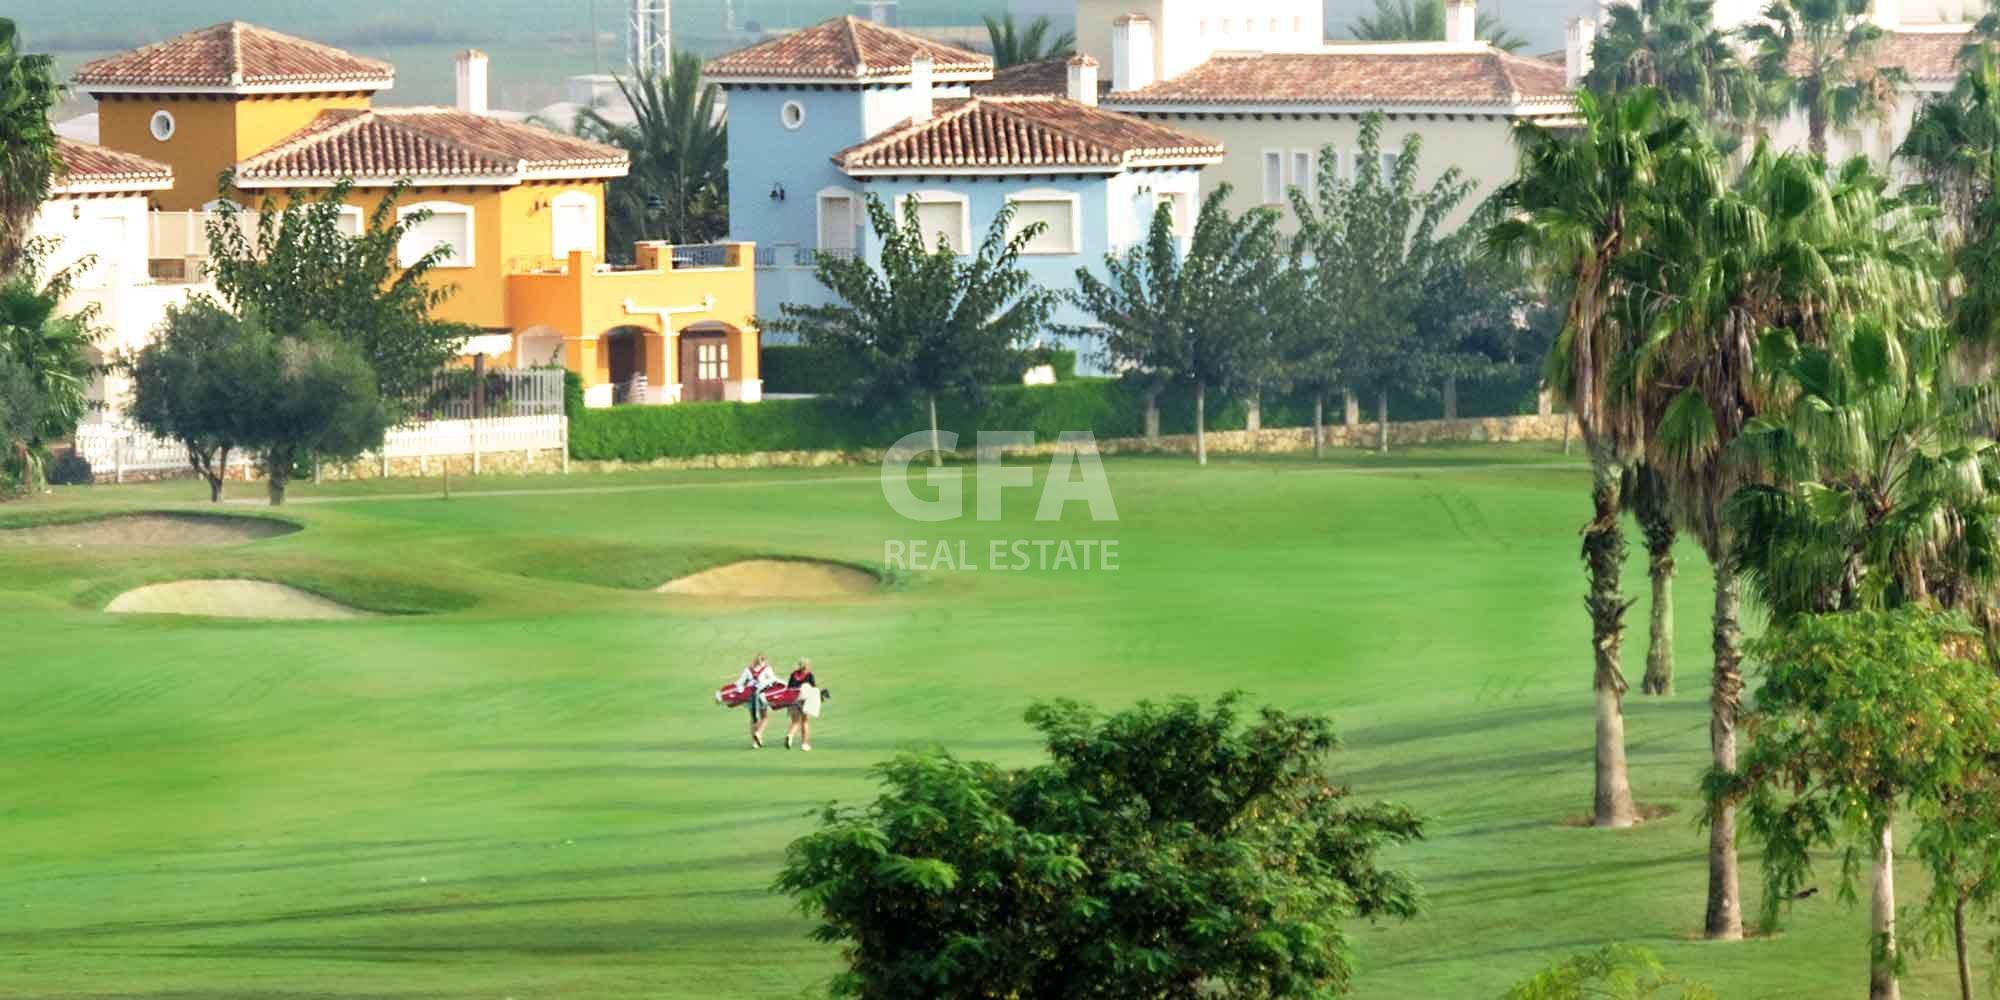 Residencial obra nueva Mar Menor Golf Resort campo de golf vista aérea